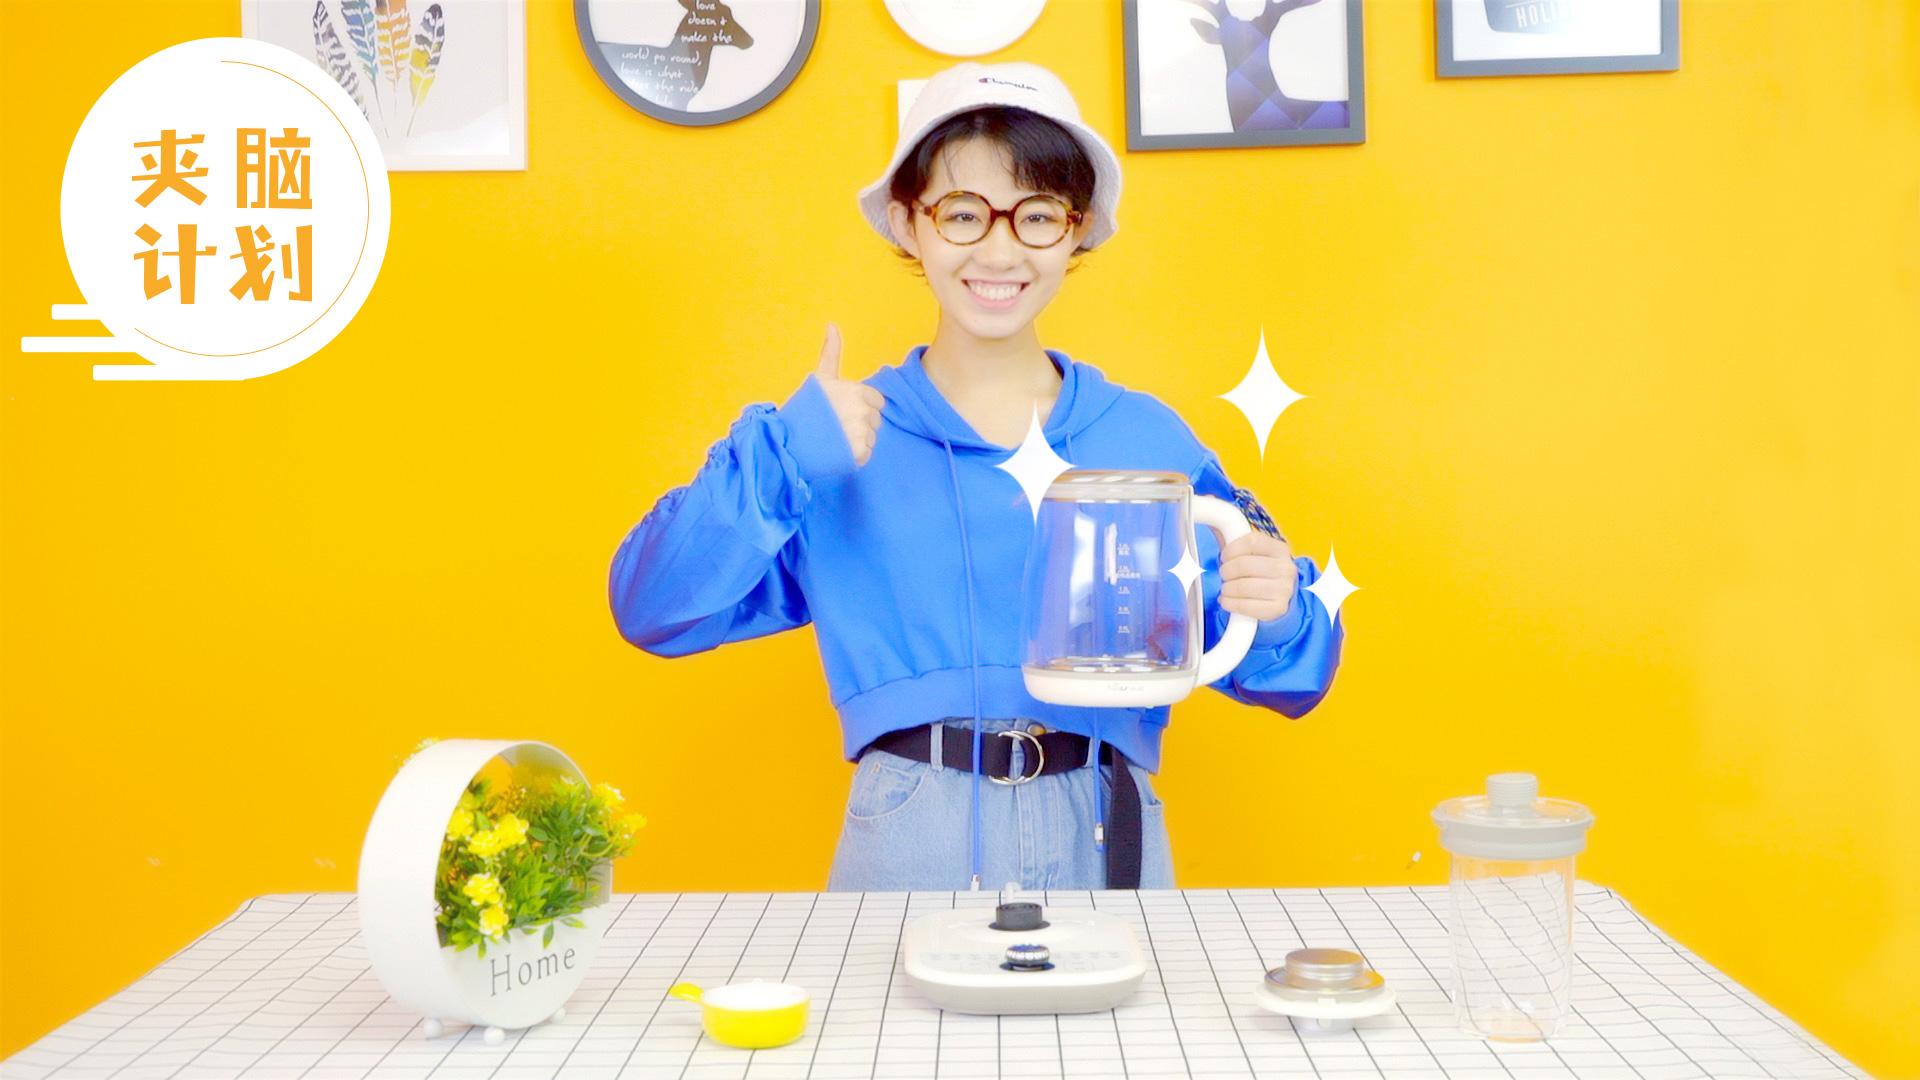 生活达人都在用的水壶清洁2步法